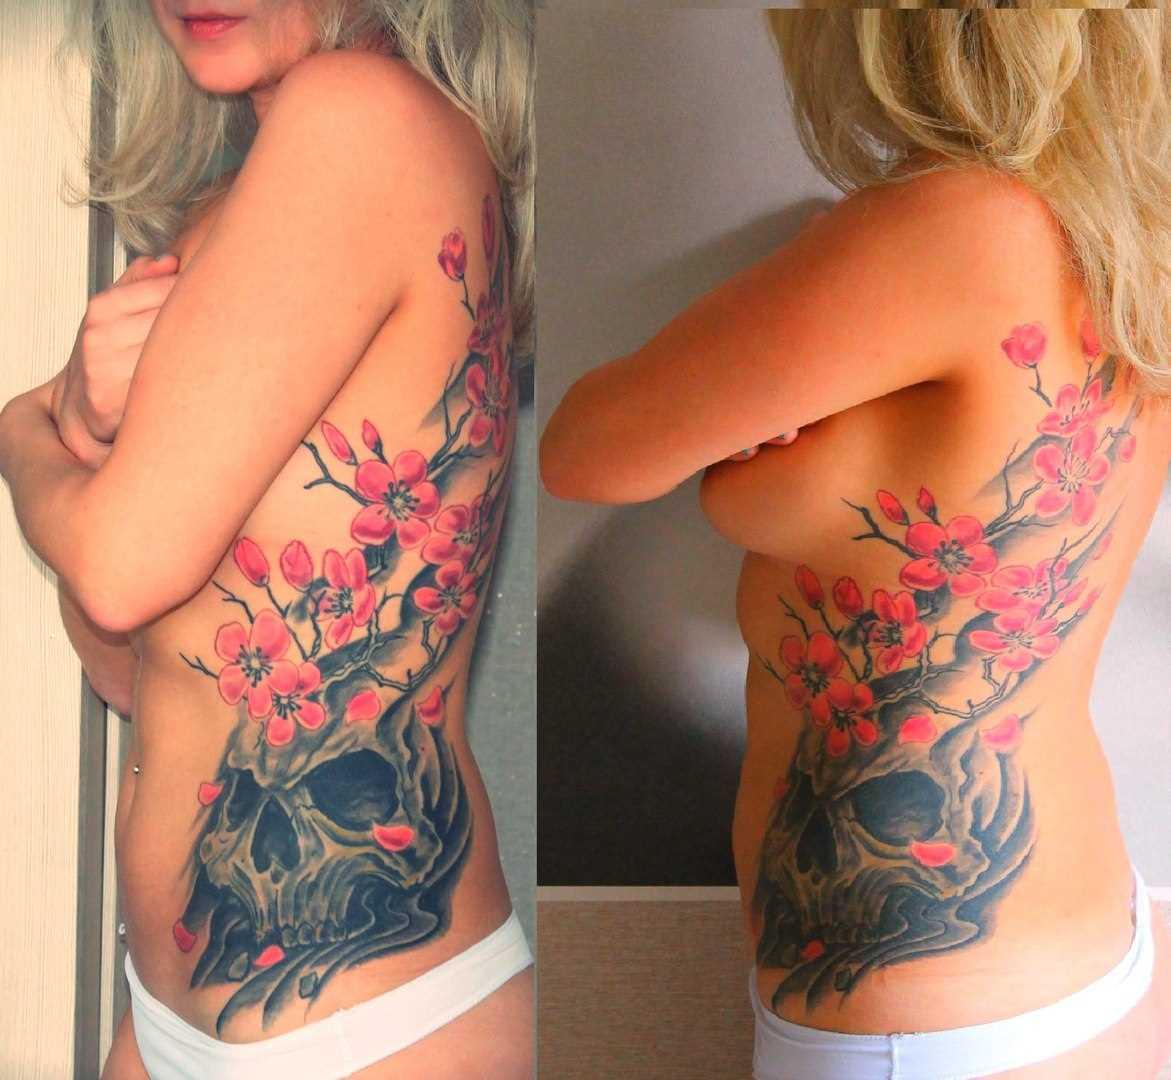 A tatuagem no lado da menina de crânio e sakura